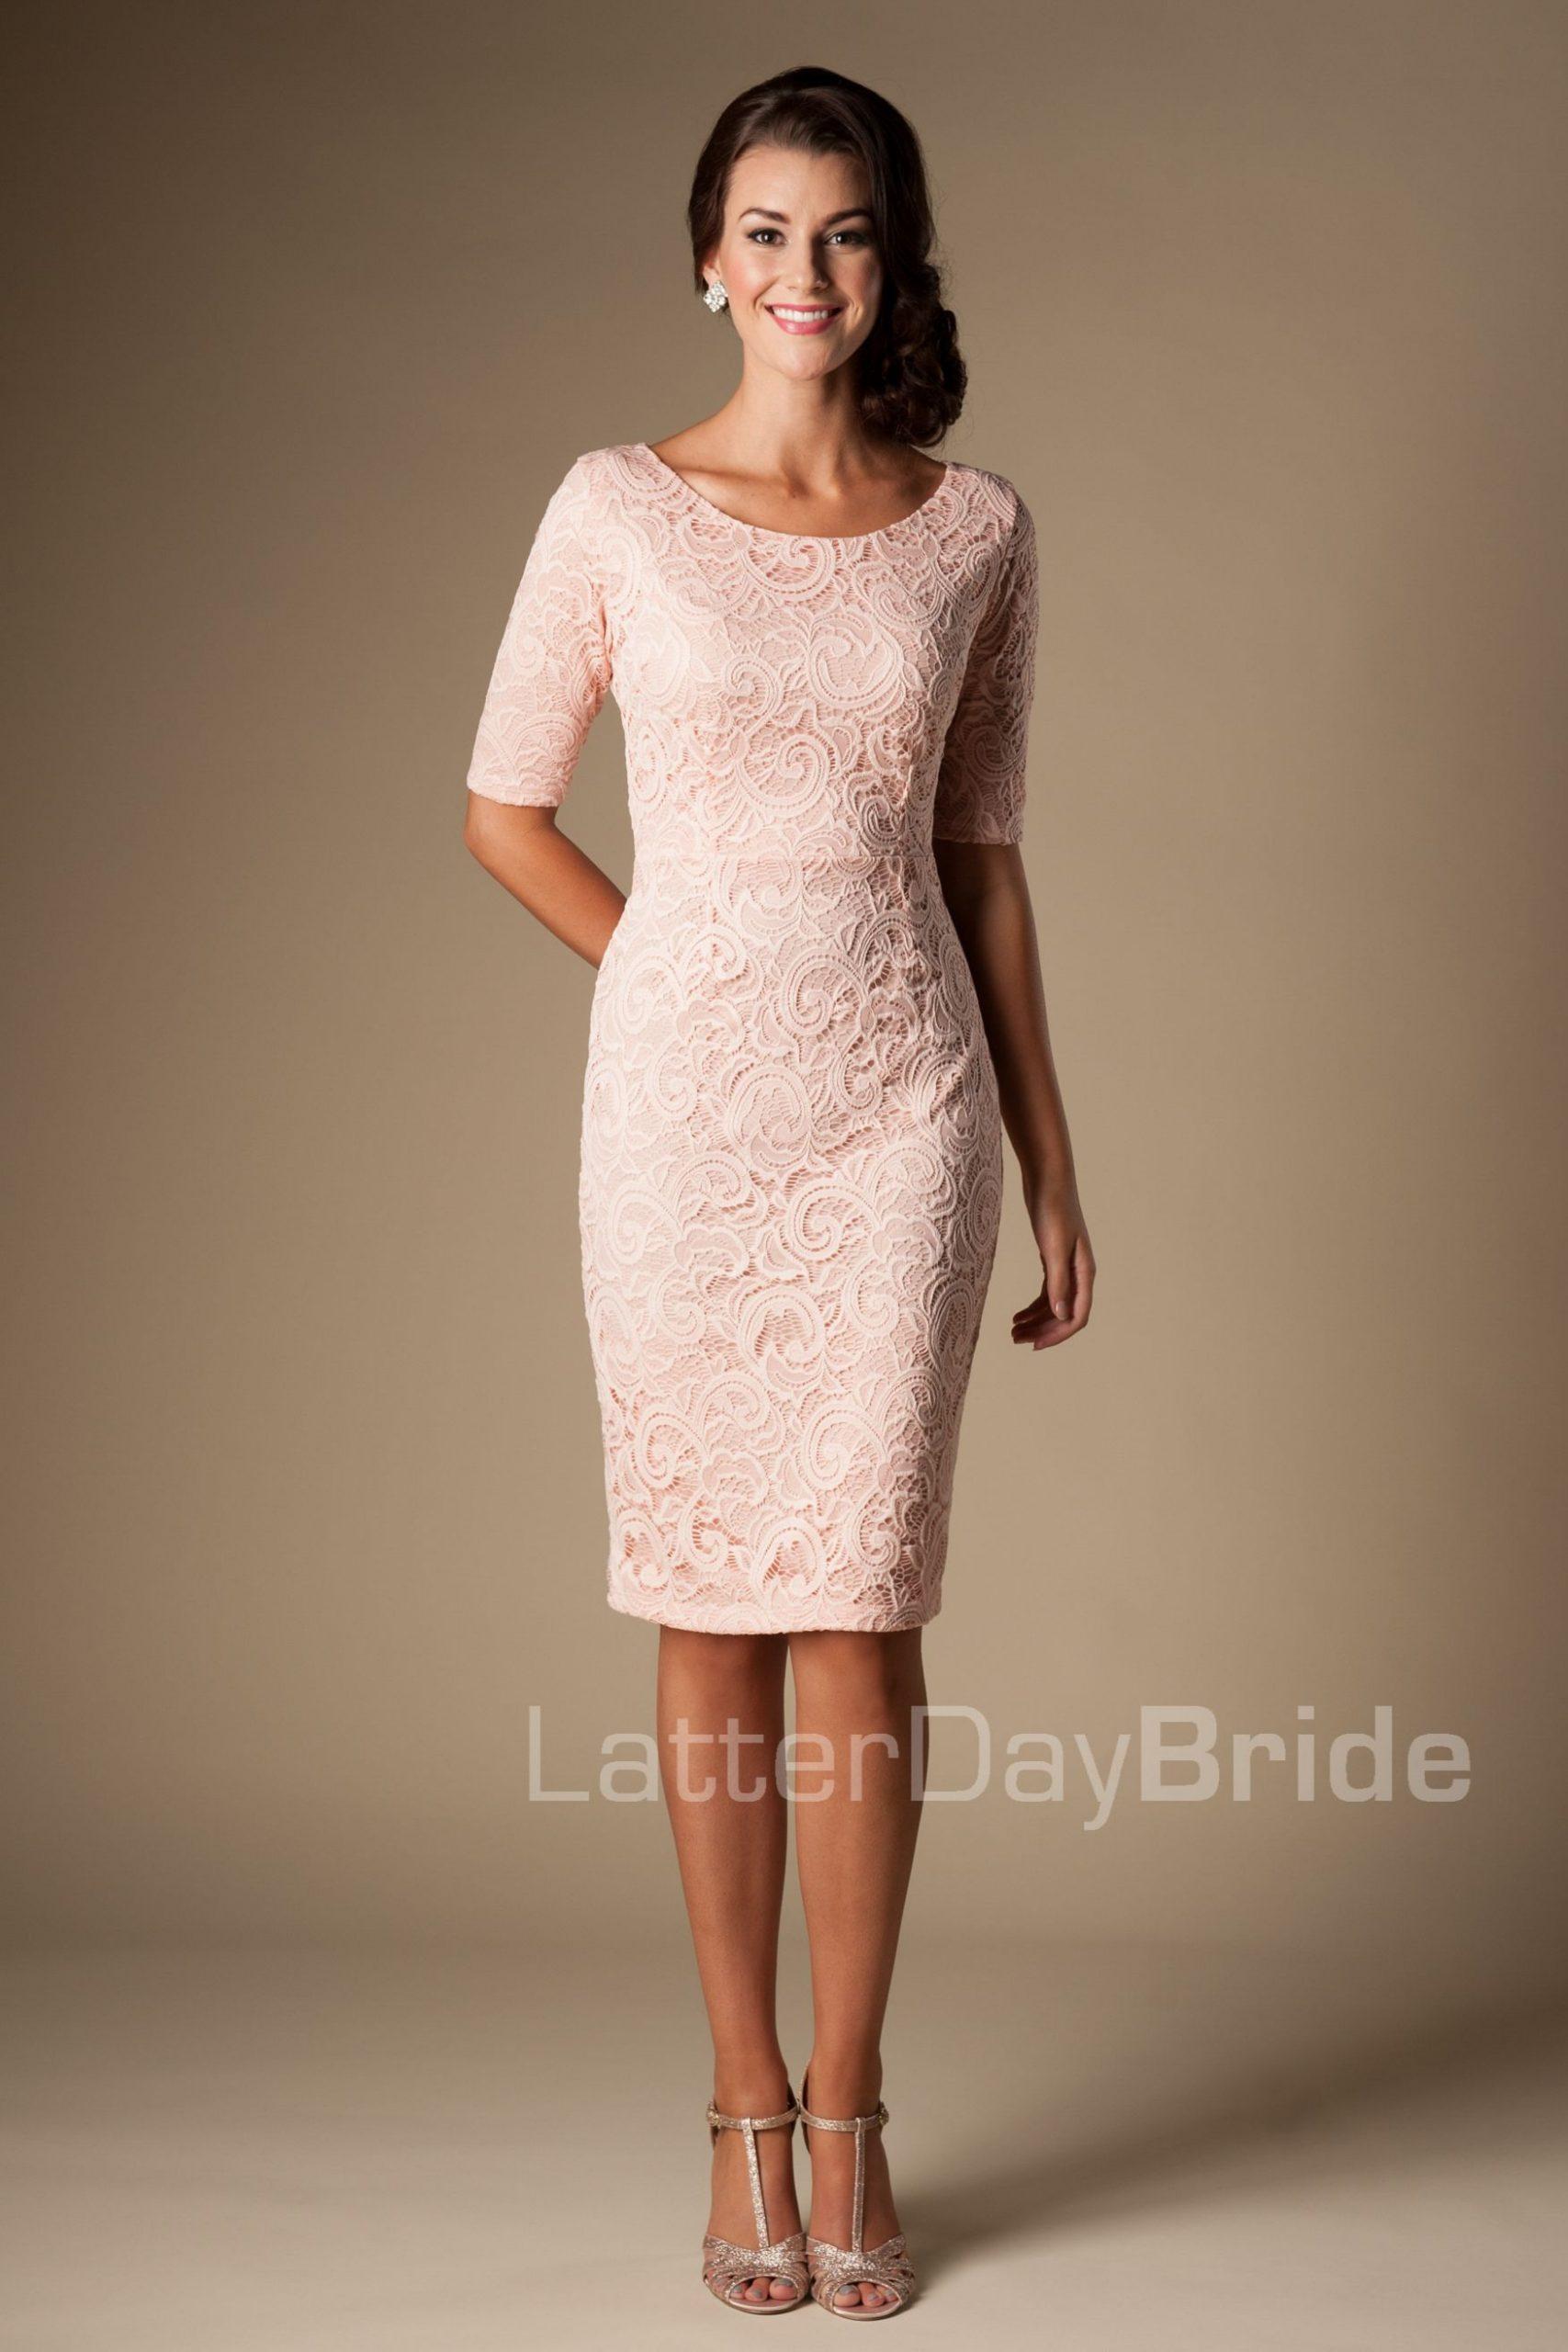 20 Genial Abendkleid Zur Hochzeitsfeier VertriebFormal Luxus Abendkleid Zur Hochzeitsfeier Ärmel